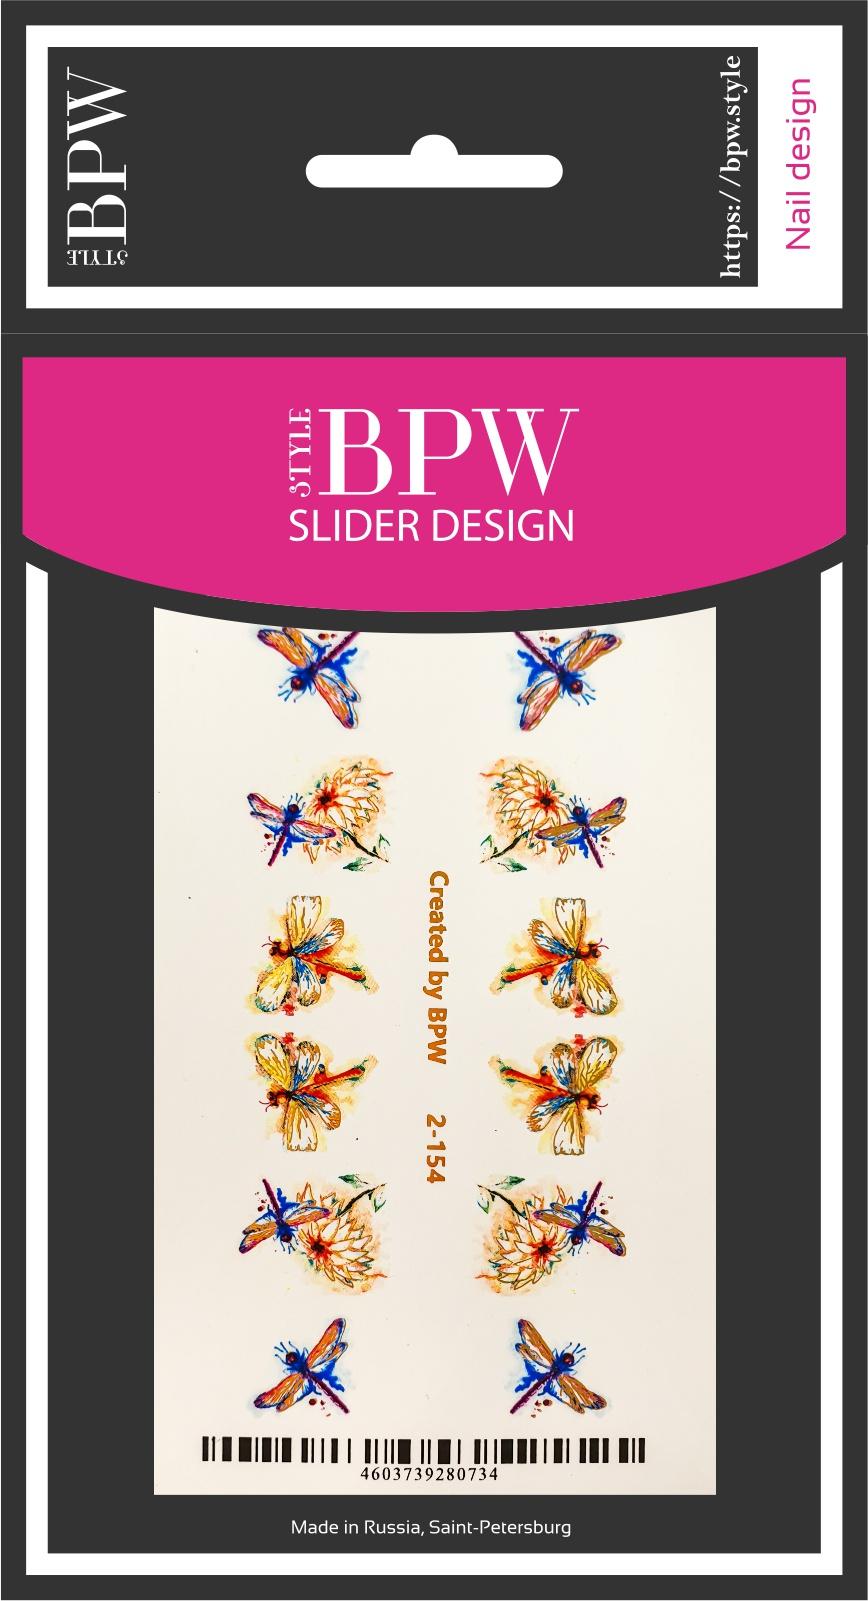 Наклейки для ногтей BPW.style sd2-154, 2 1pcs блеск и пудре порошок блестит классика высокое качество повседневные дизайн ногтей